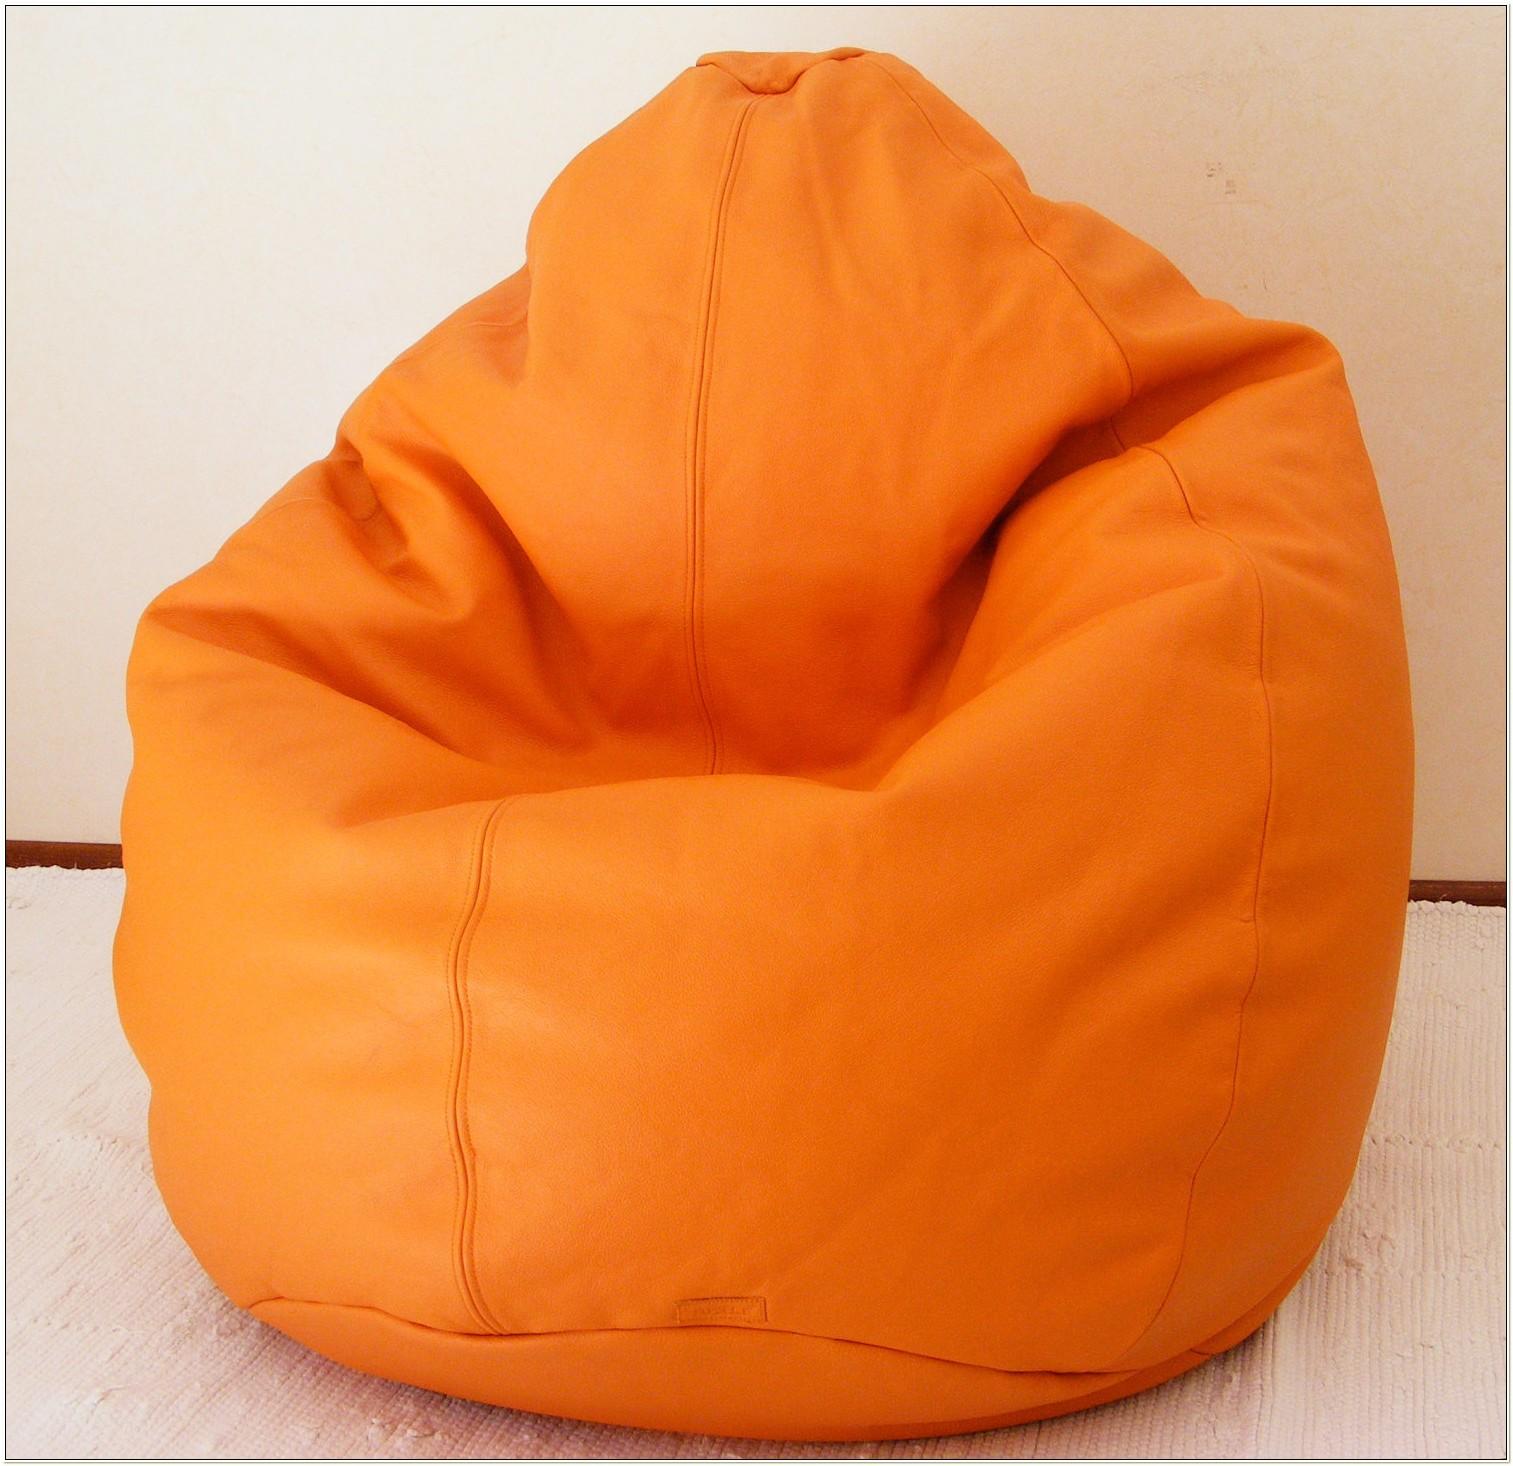 Teardrop Bean Bag Chair Sewing Pattern